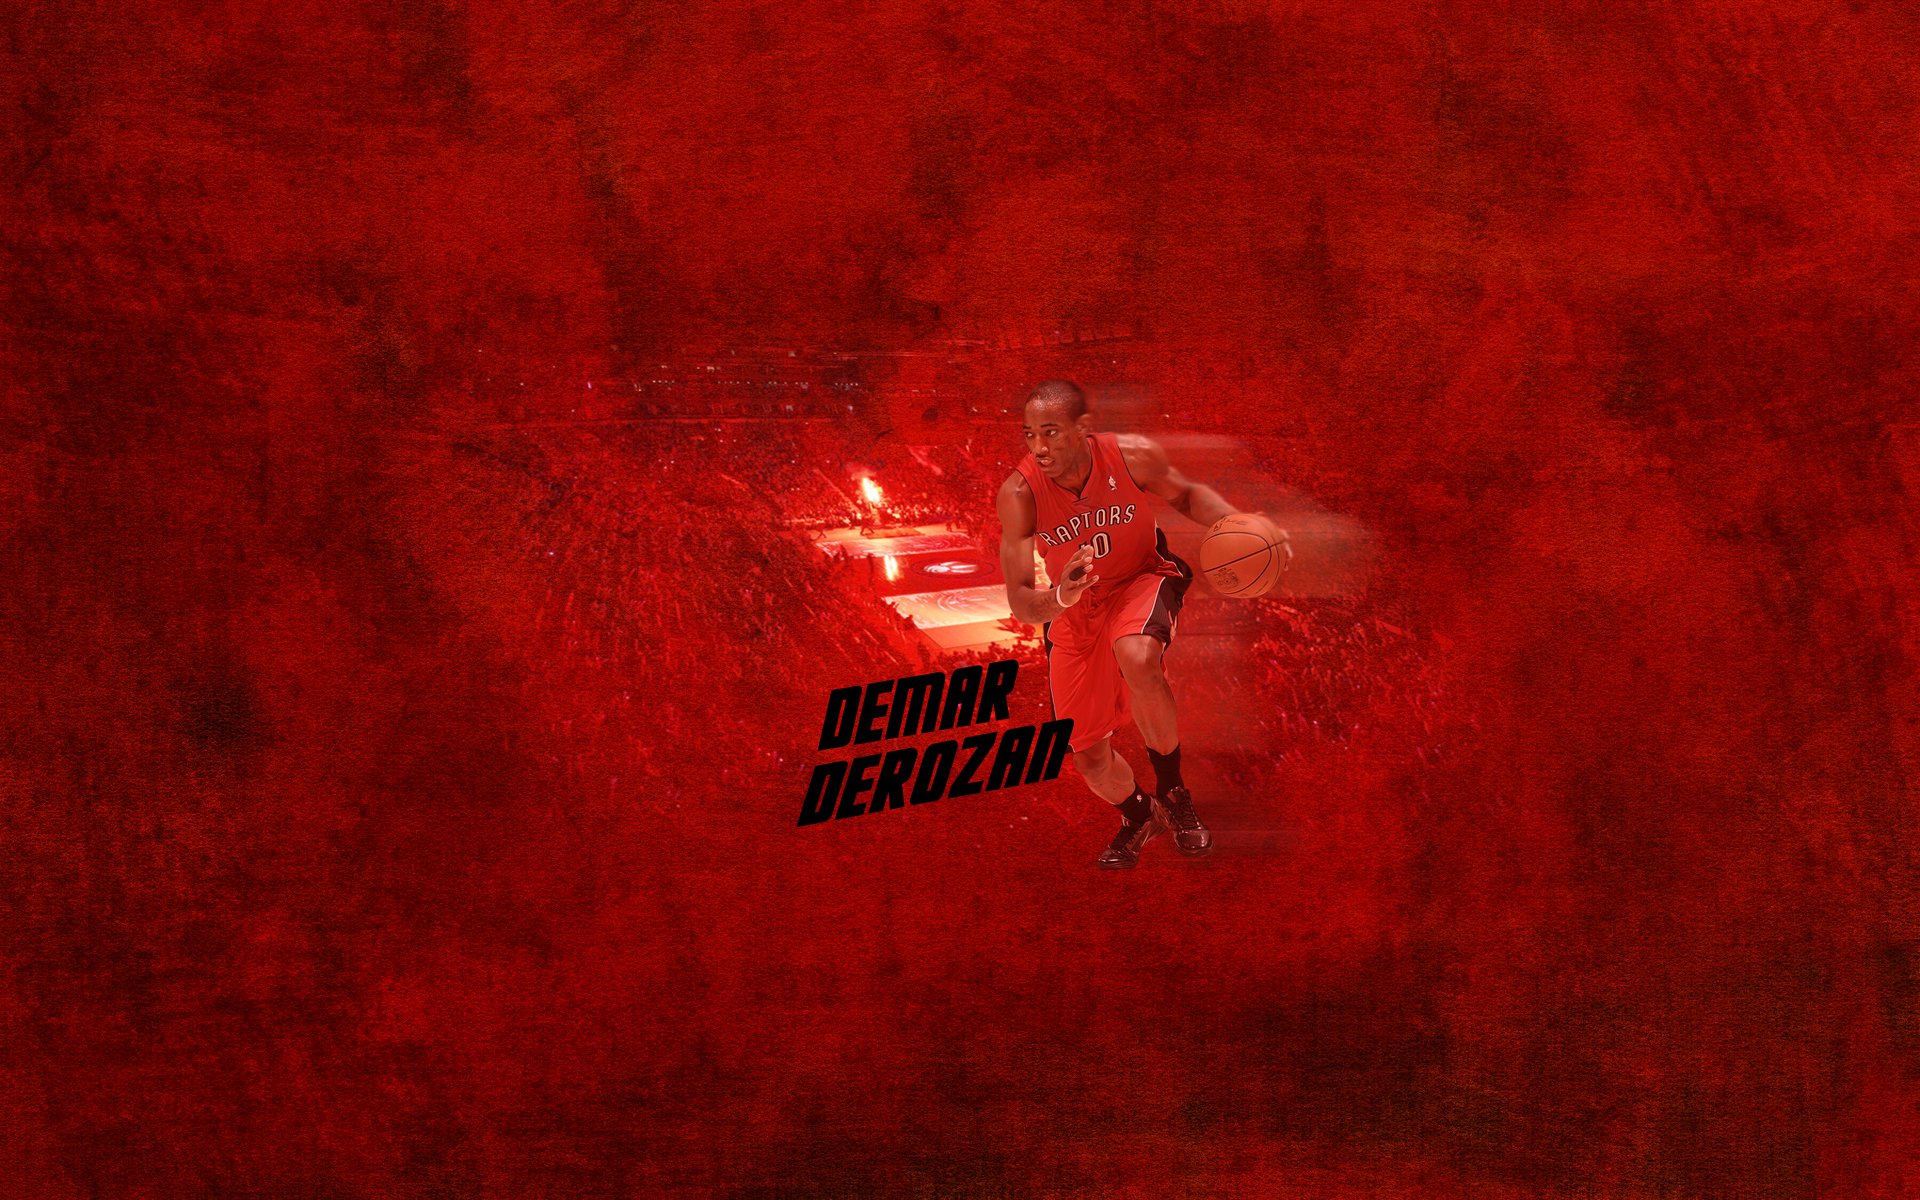 demar derozan wallpaper by bjens on deviantart